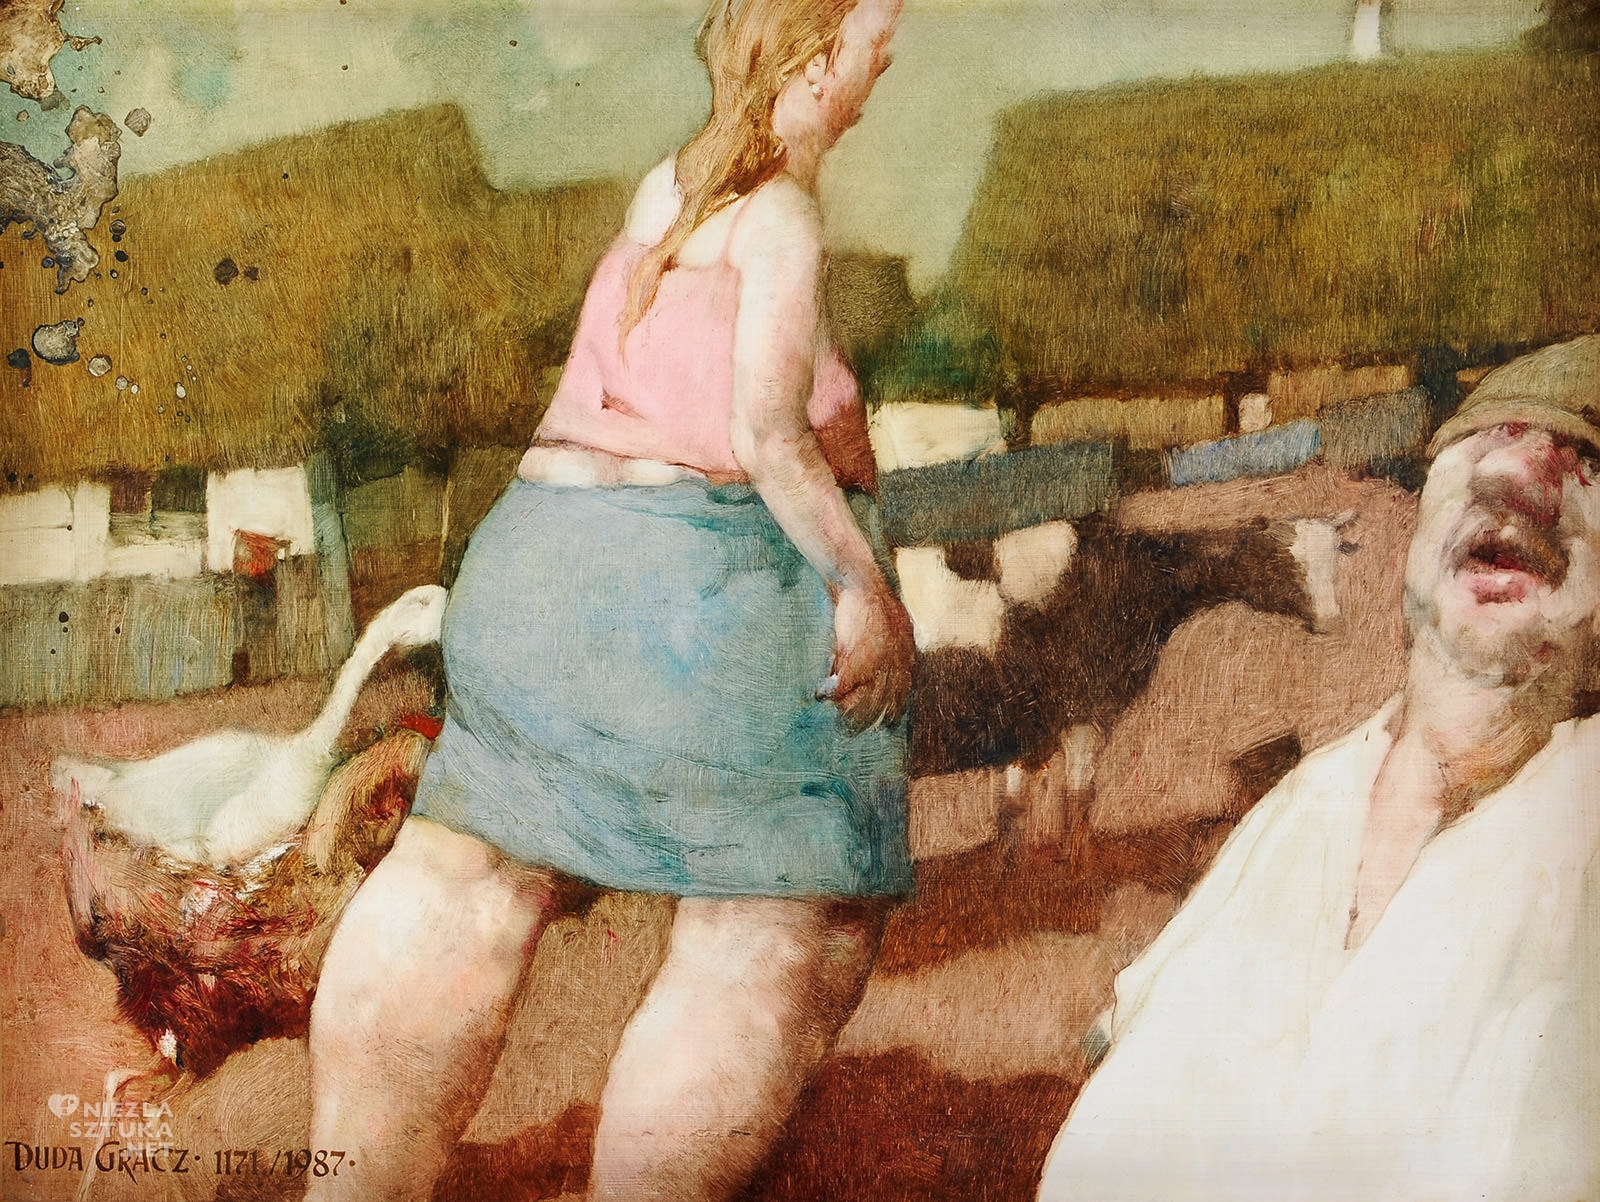 Jerzy Duda-Gracz, Obraz 1171. Visites Kamion, sztuka współczesna, sztuka polska, Niezła Sztuka